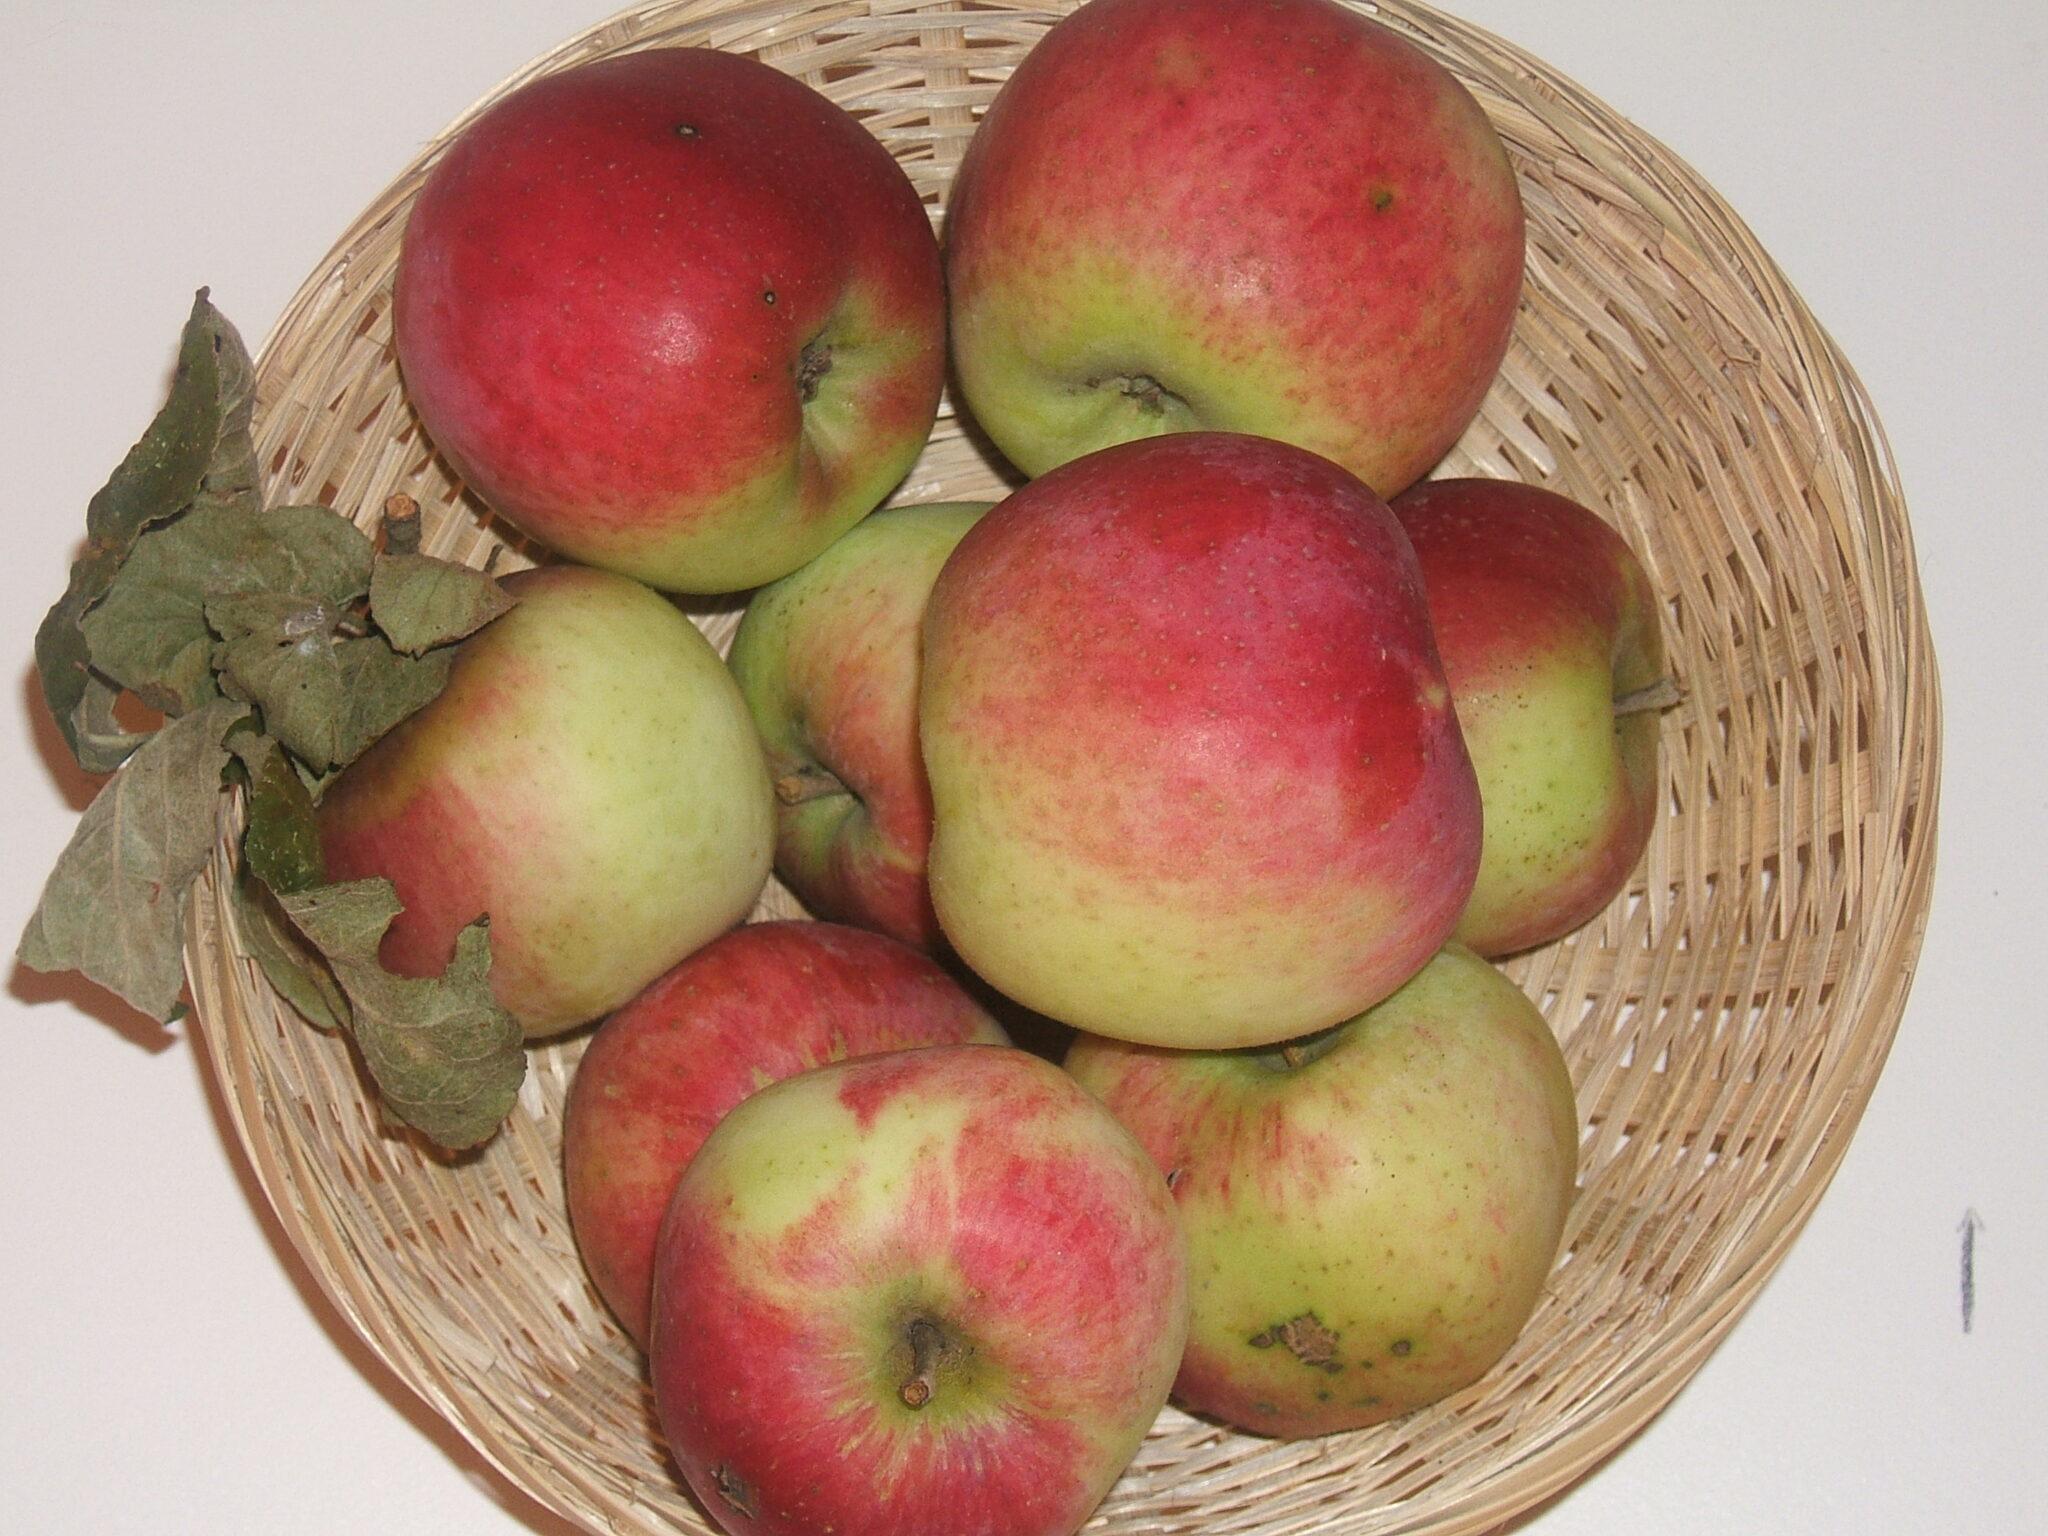 Cramoisie de Gascoyne 1 (fruit).